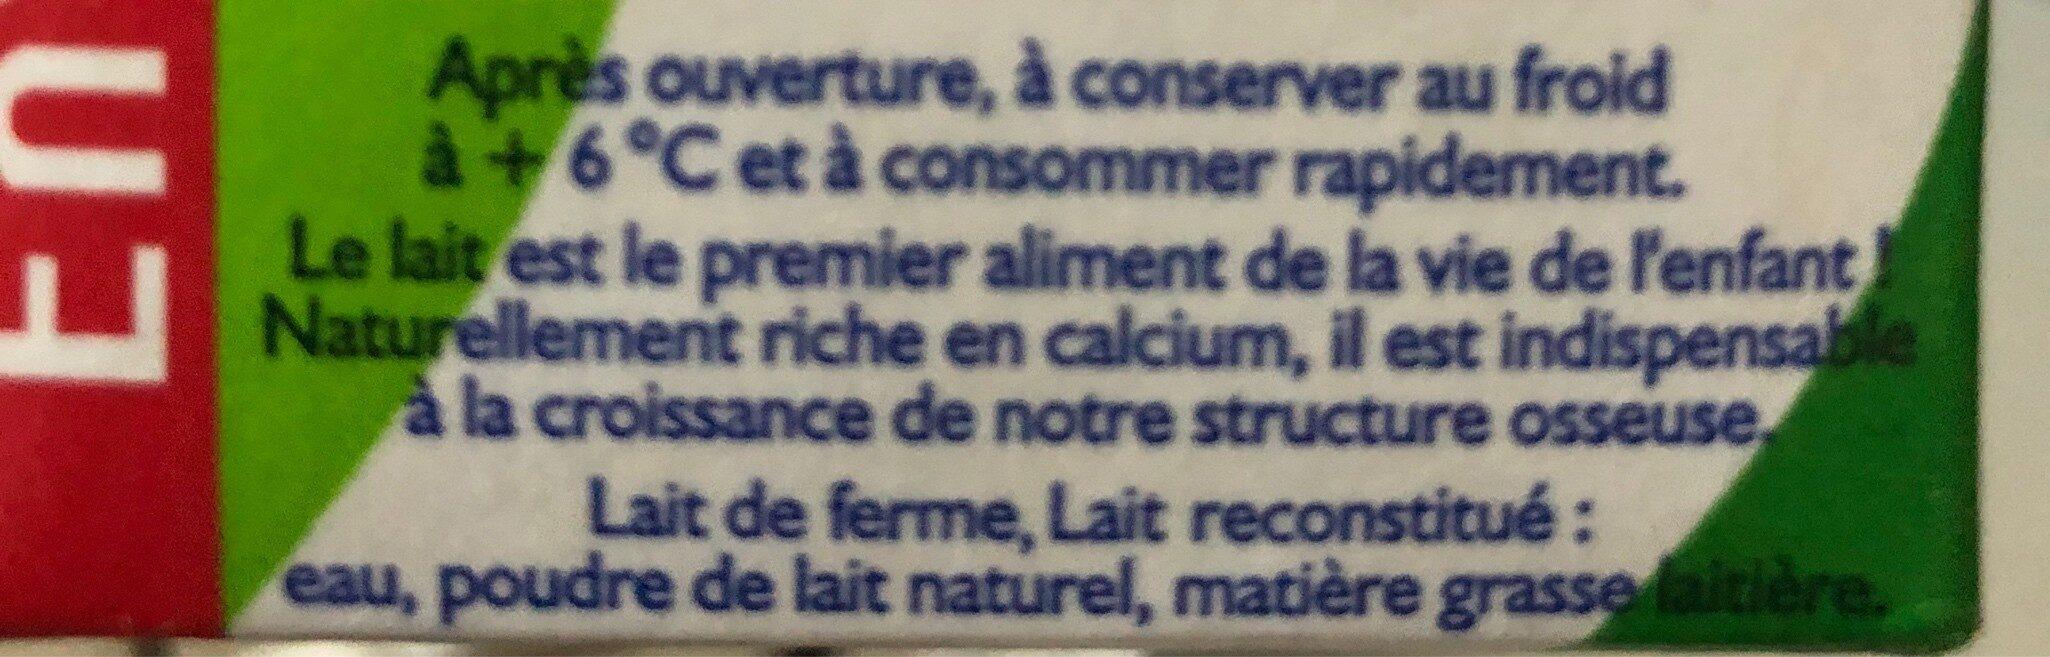 GrandLait - Ingrediënten - fr